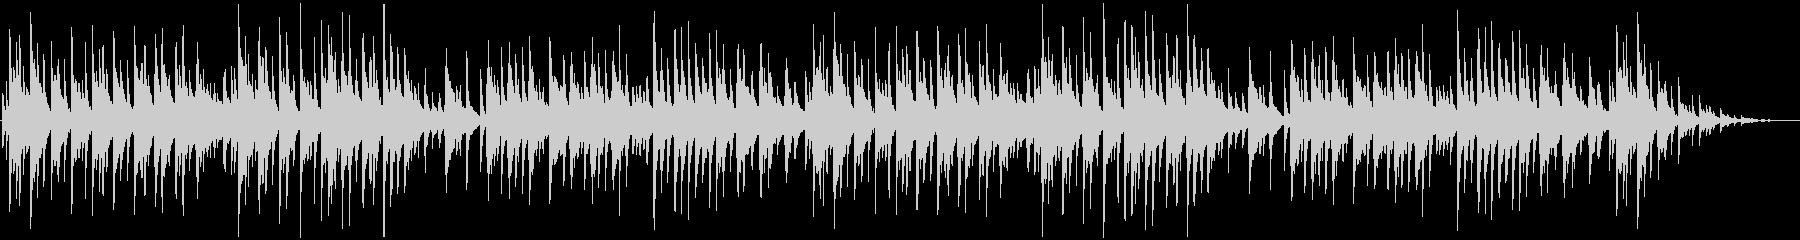 切ない雰囲気のピアノ曲の未再生の波形